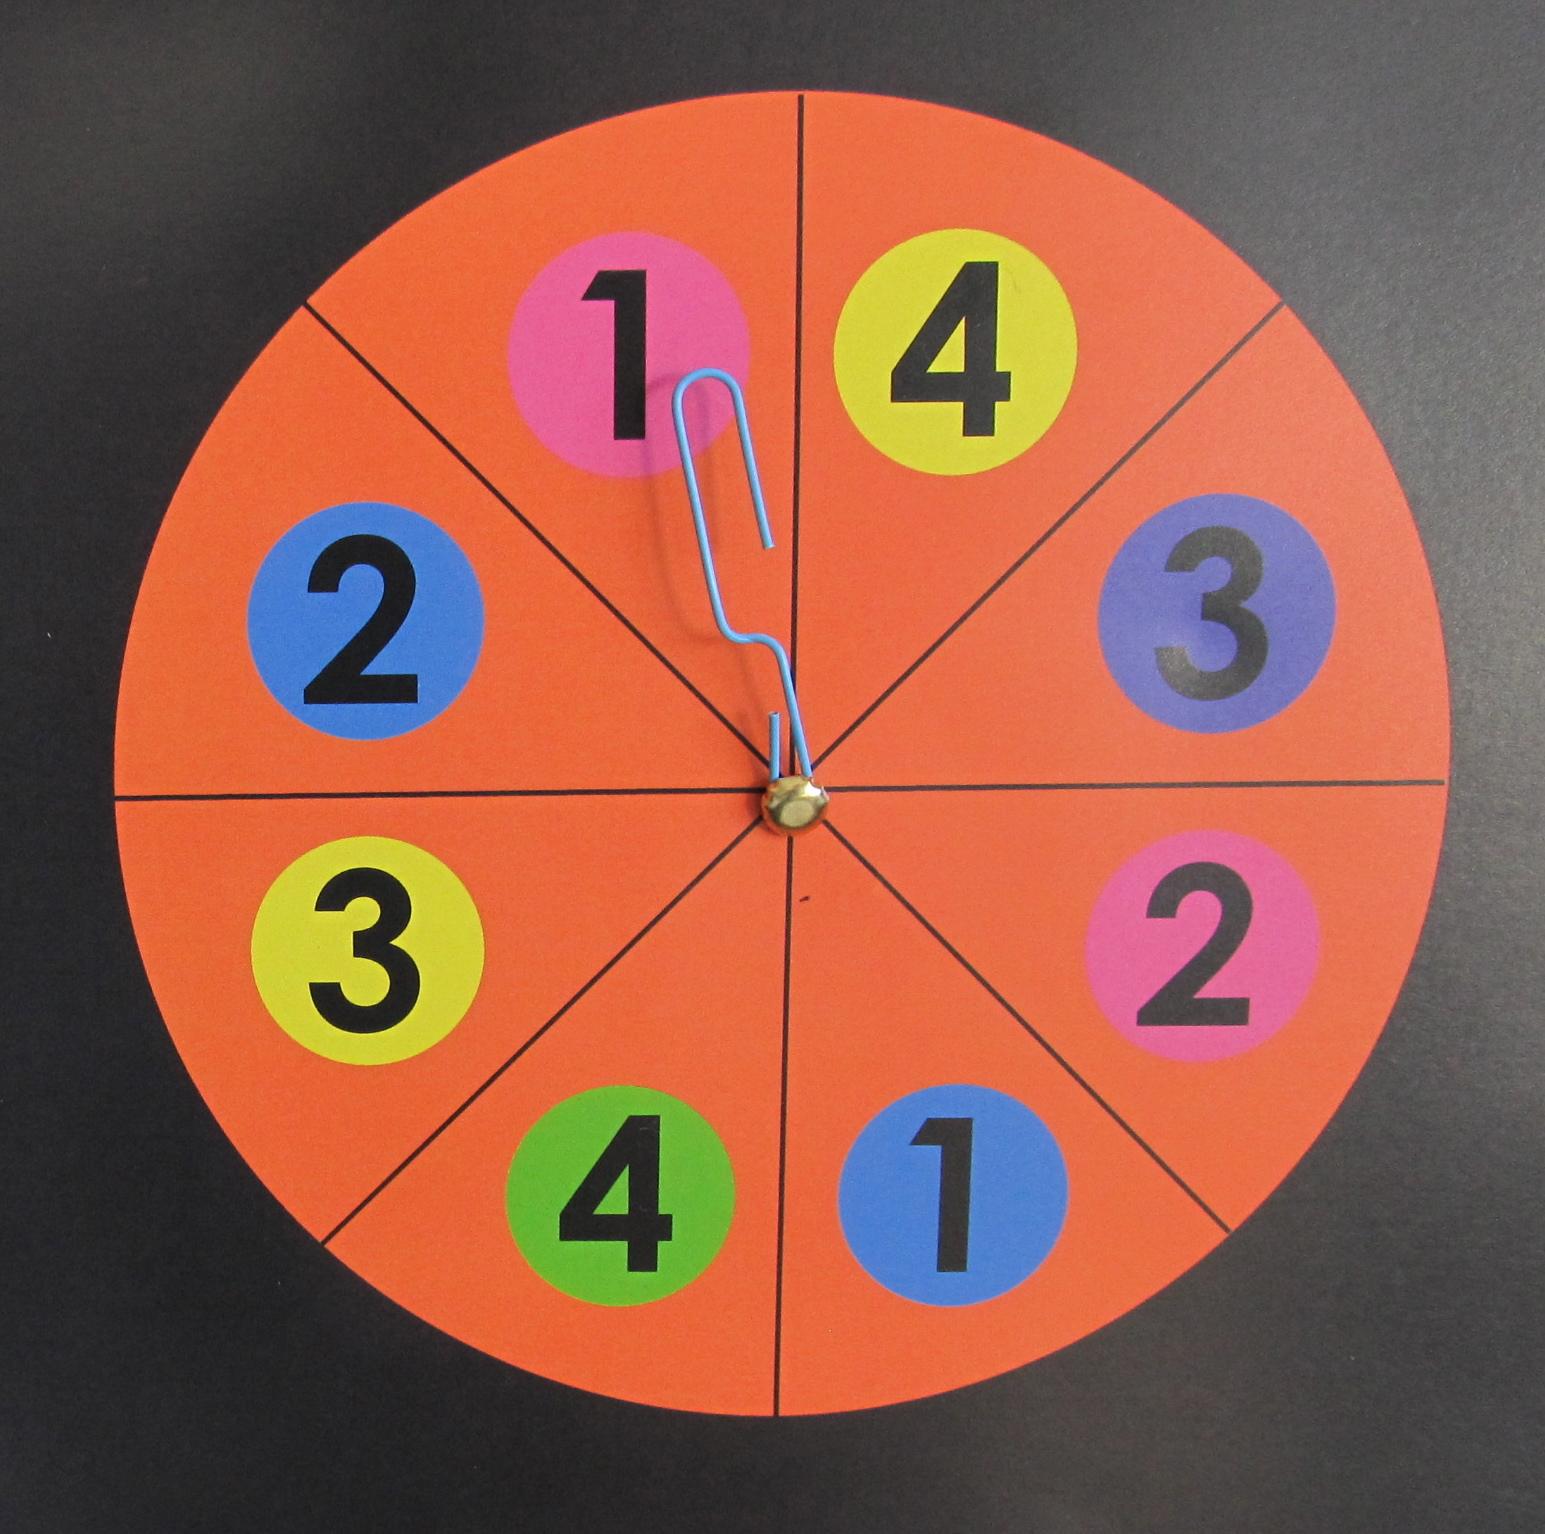 spinner for games